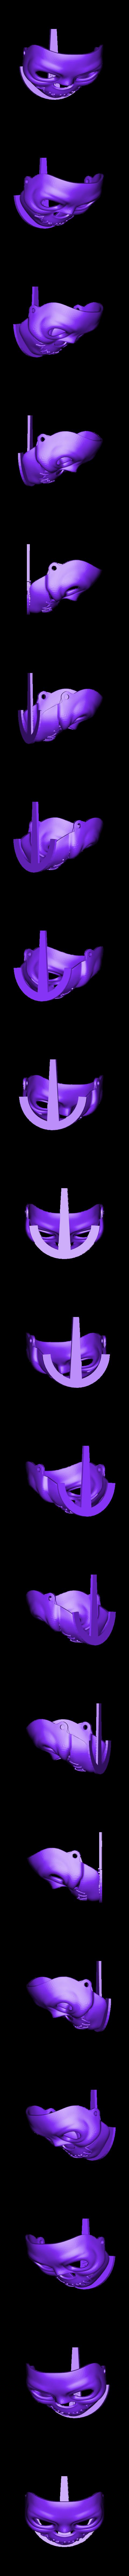 MAKIES_Spooky_Skull_Mask.STL Download free STL file Makies Spooky Skull Mask • 3D printing model, Makies